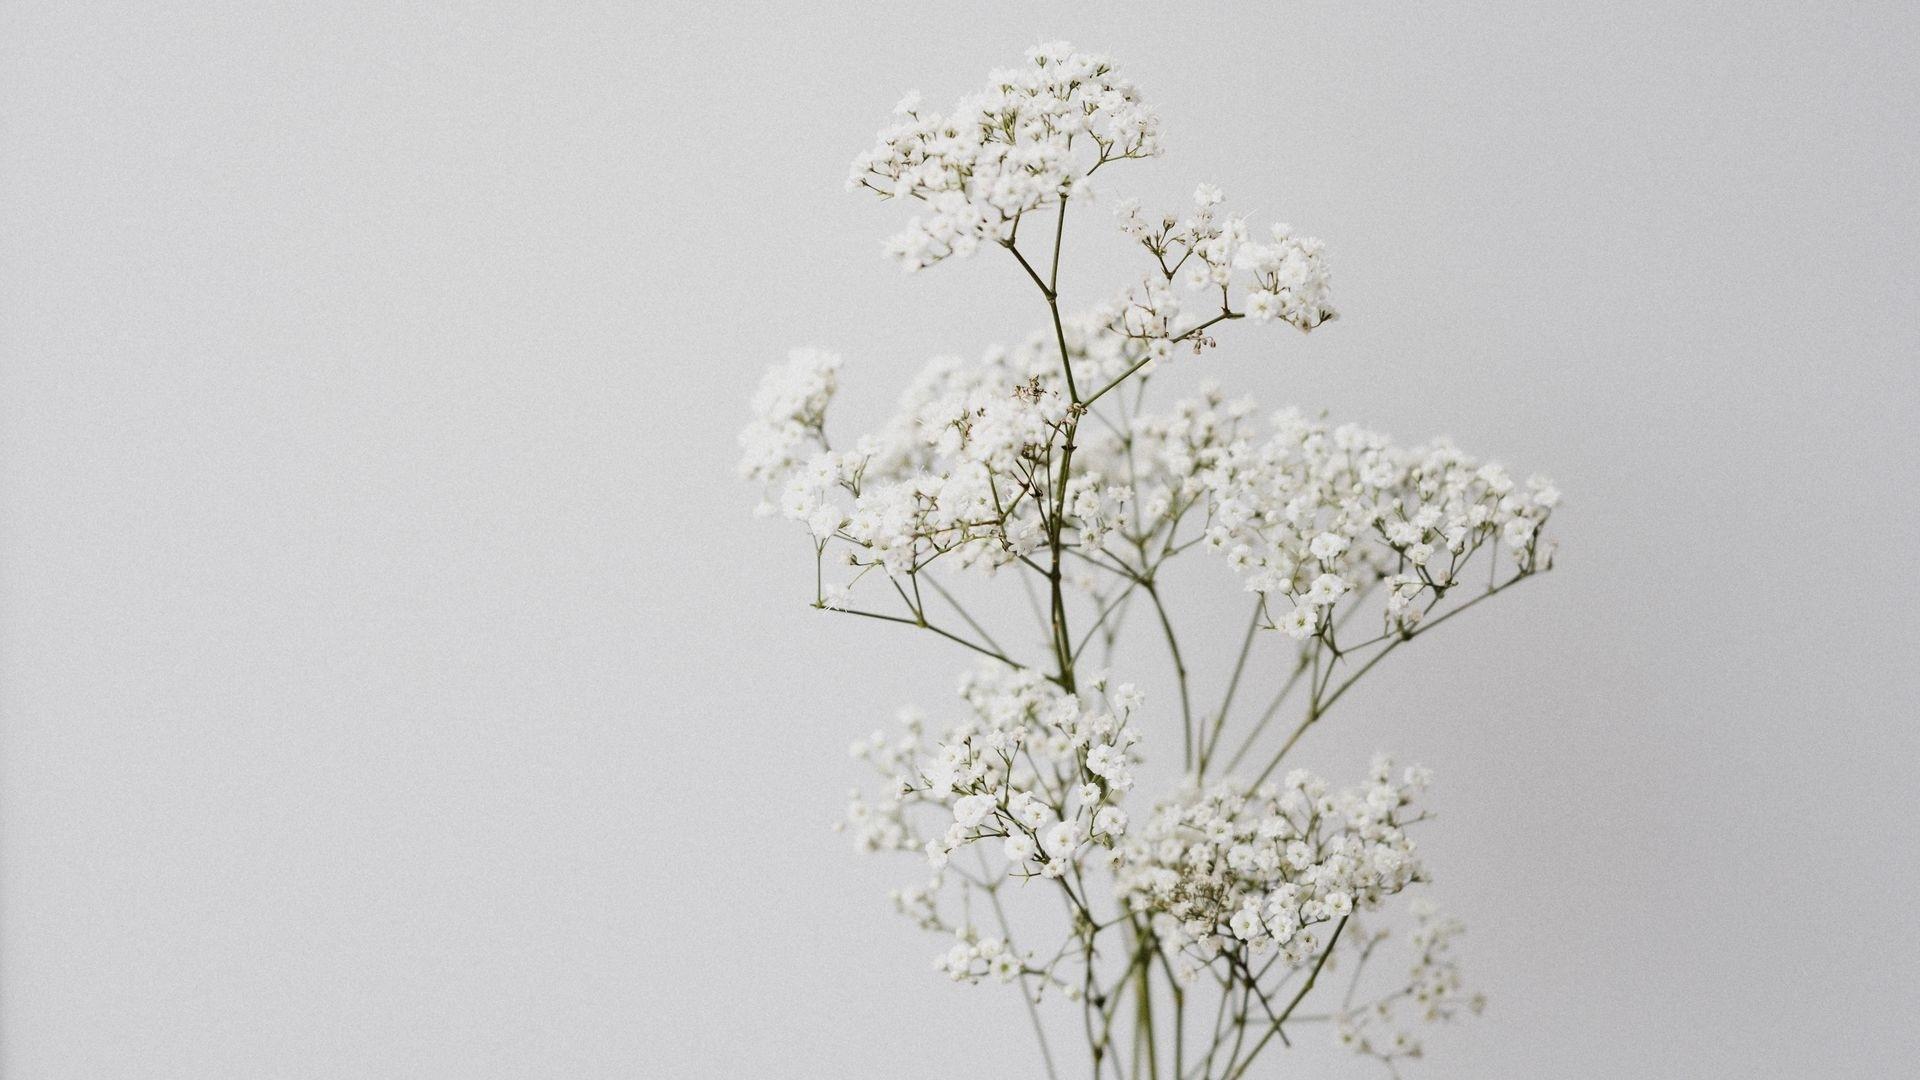 Flower Minimalist Picture